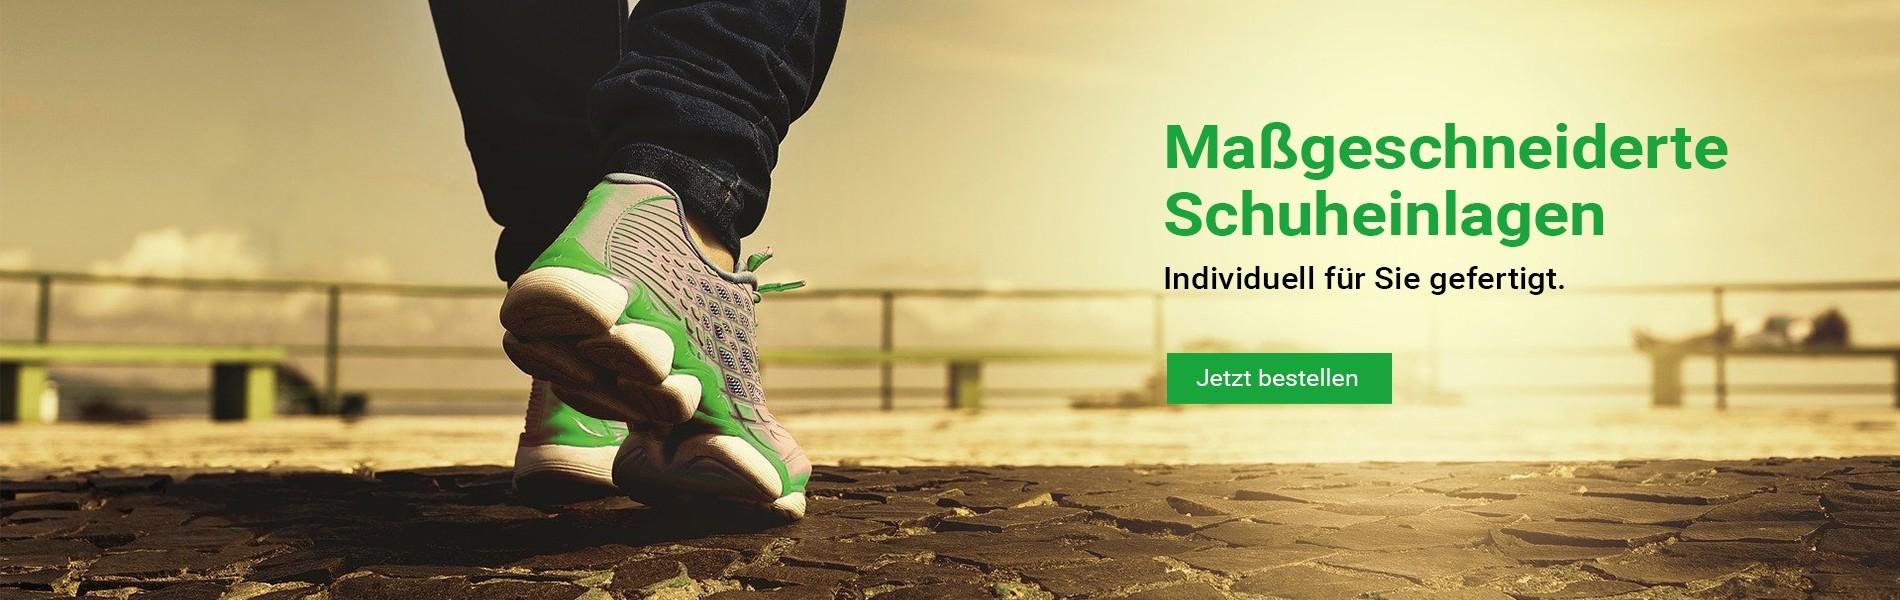 Individuelle Schuheinlagen - Einlegesohlen nach Maß